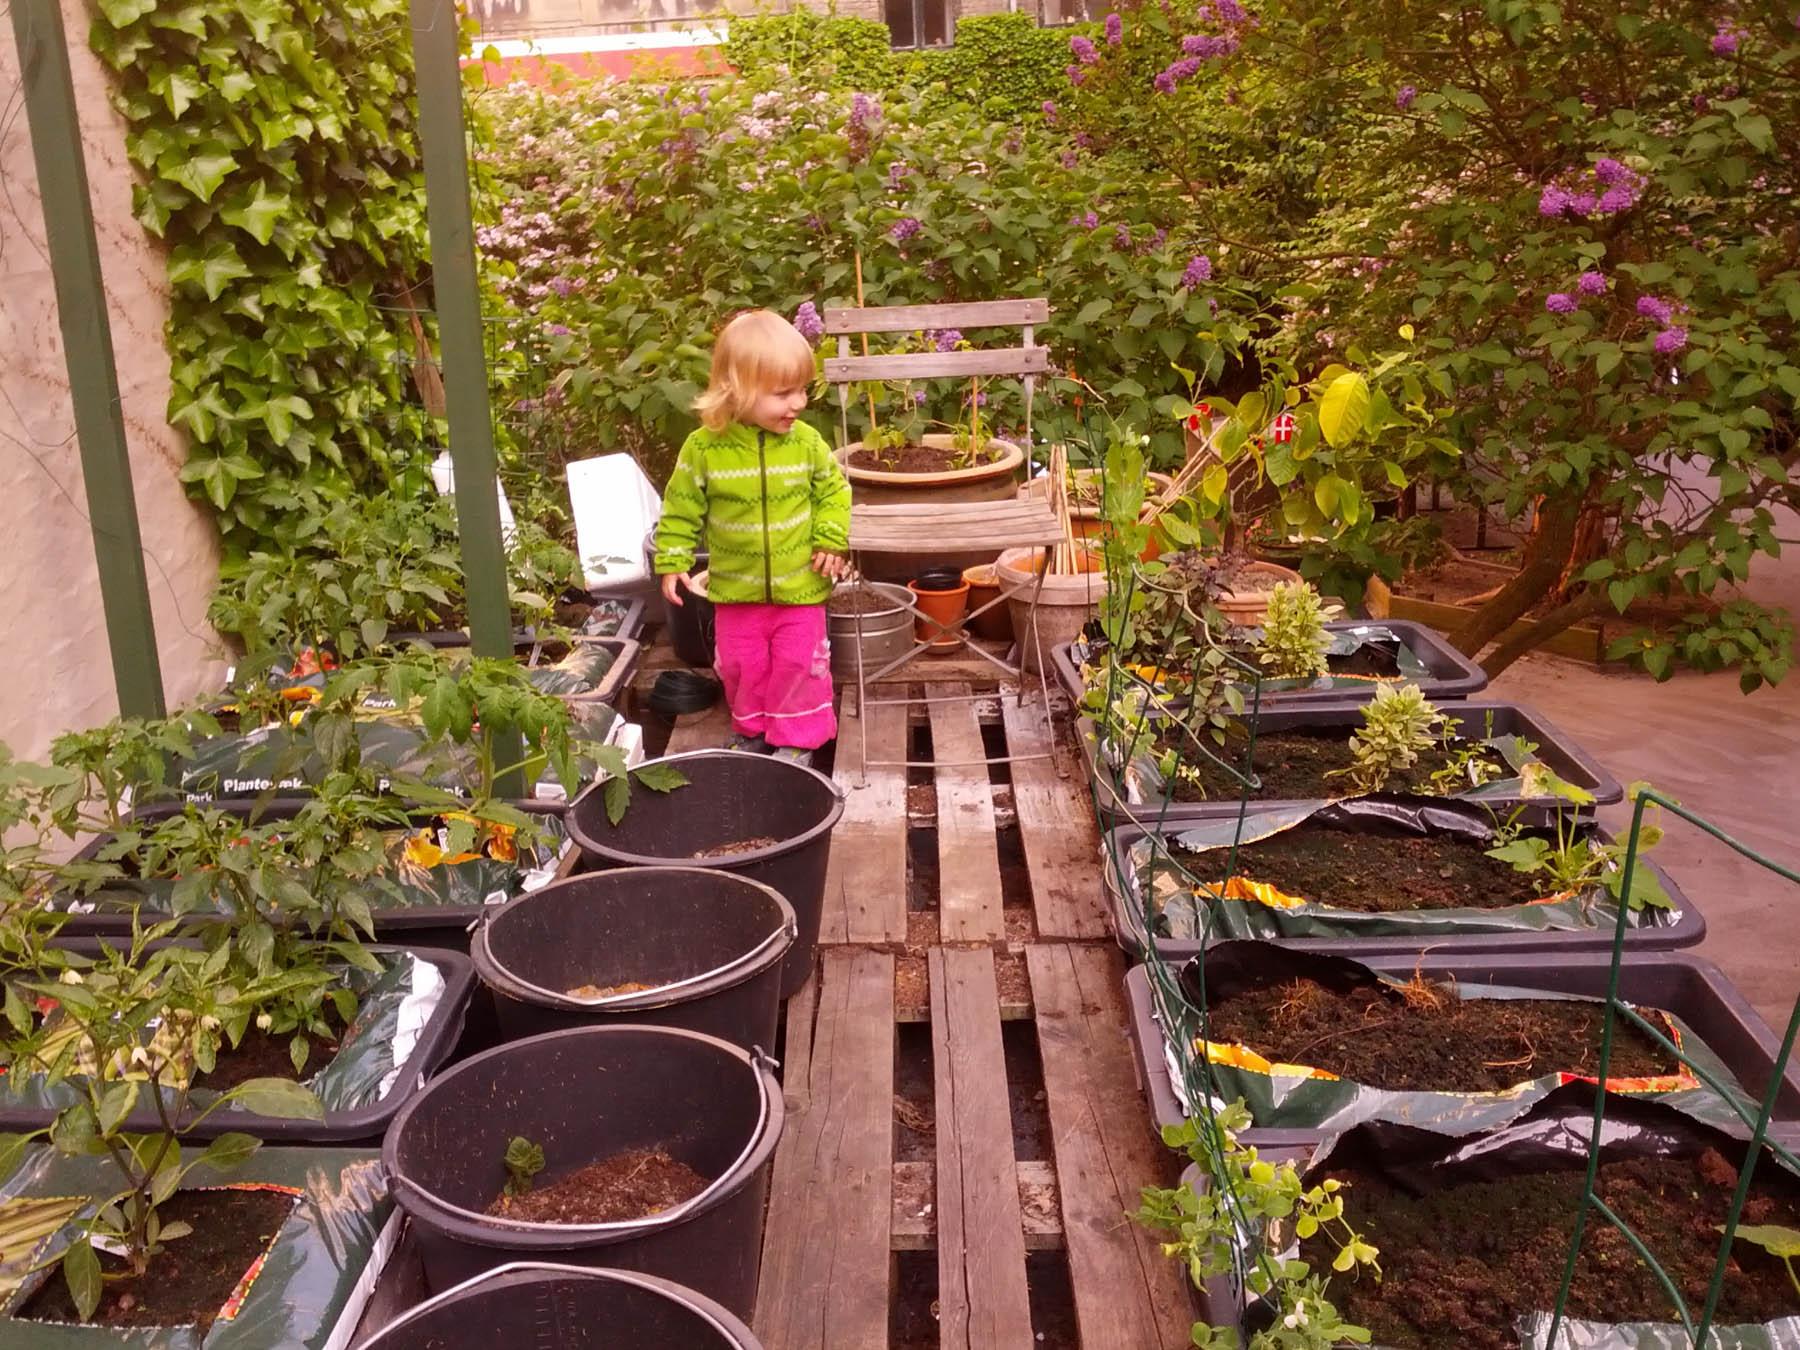 Udplantning af bønner og måske et par meloner lørdag den 8. juni kl. 13-15:30